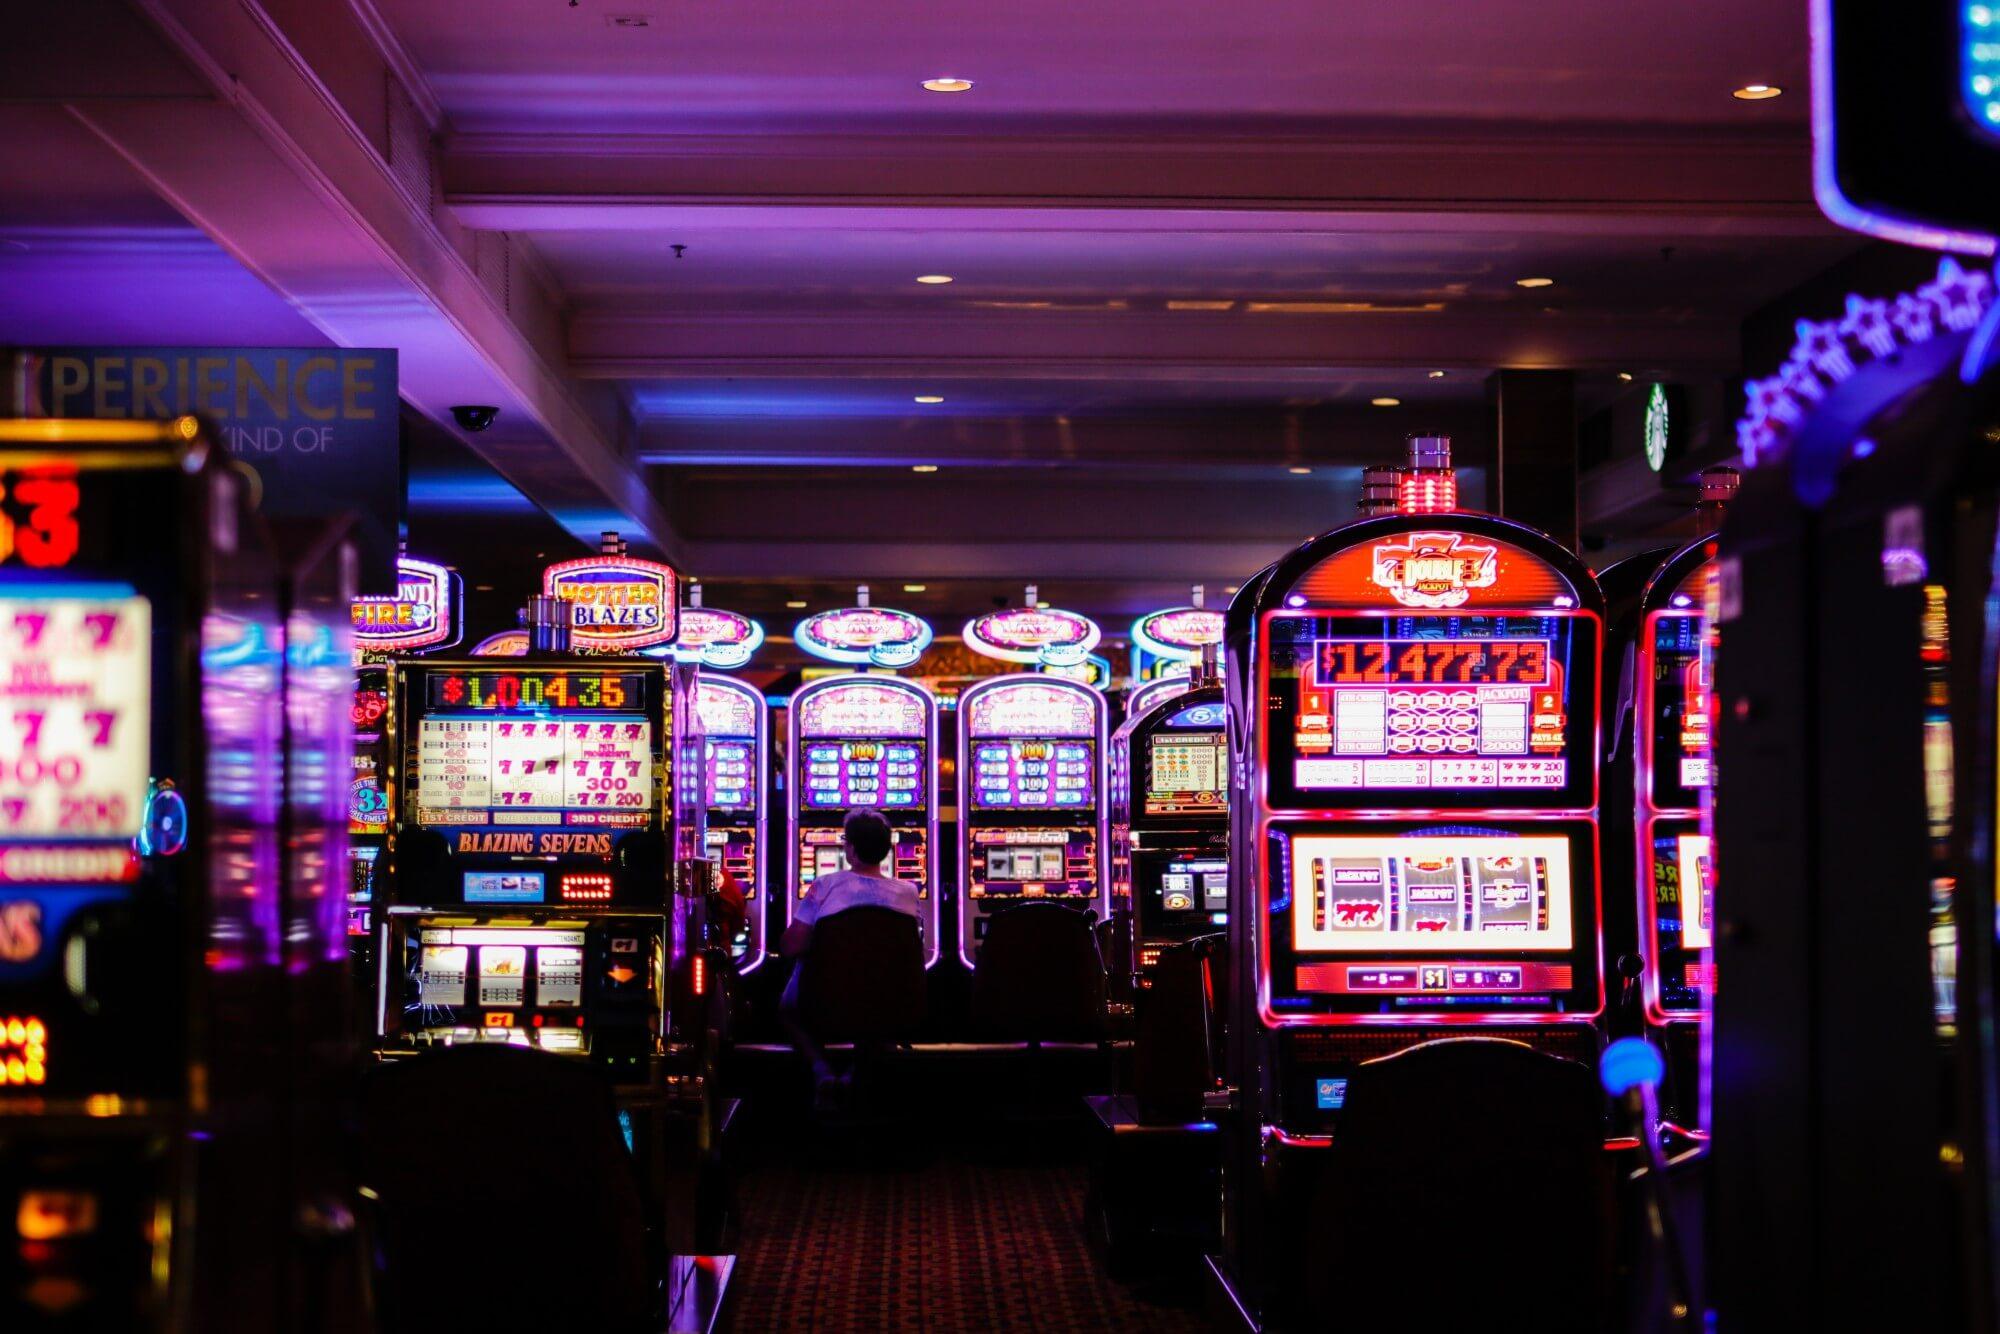 Dimly lit casino floor with slot machines